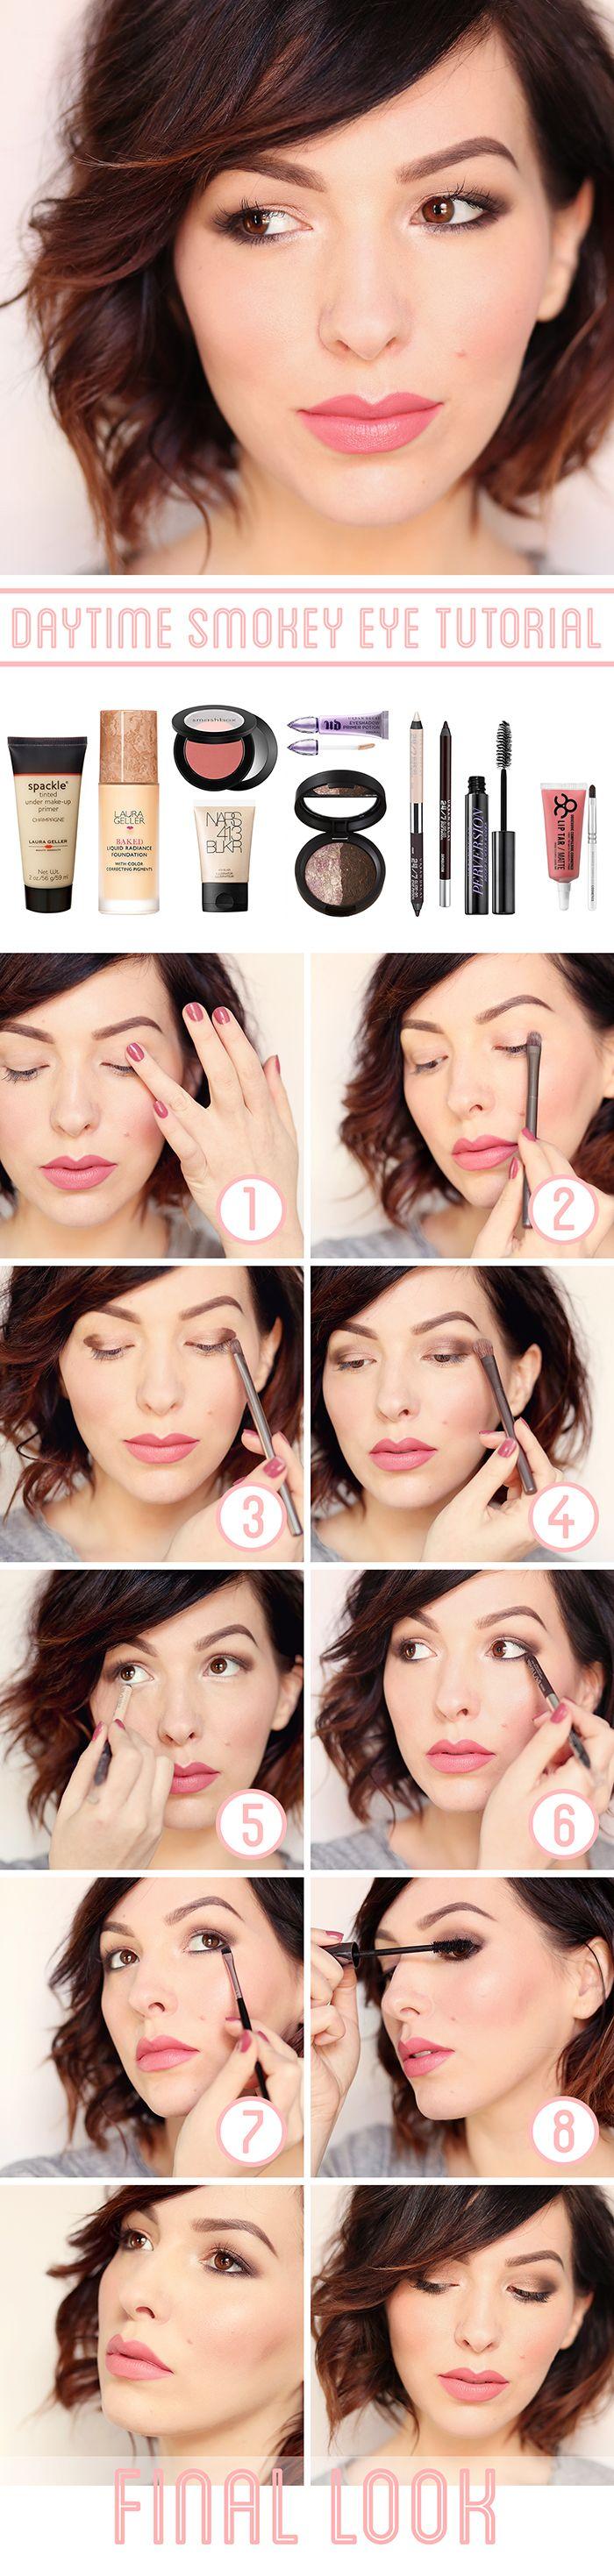 Makeup Monday: Daytime Smokey Eye Tutorial